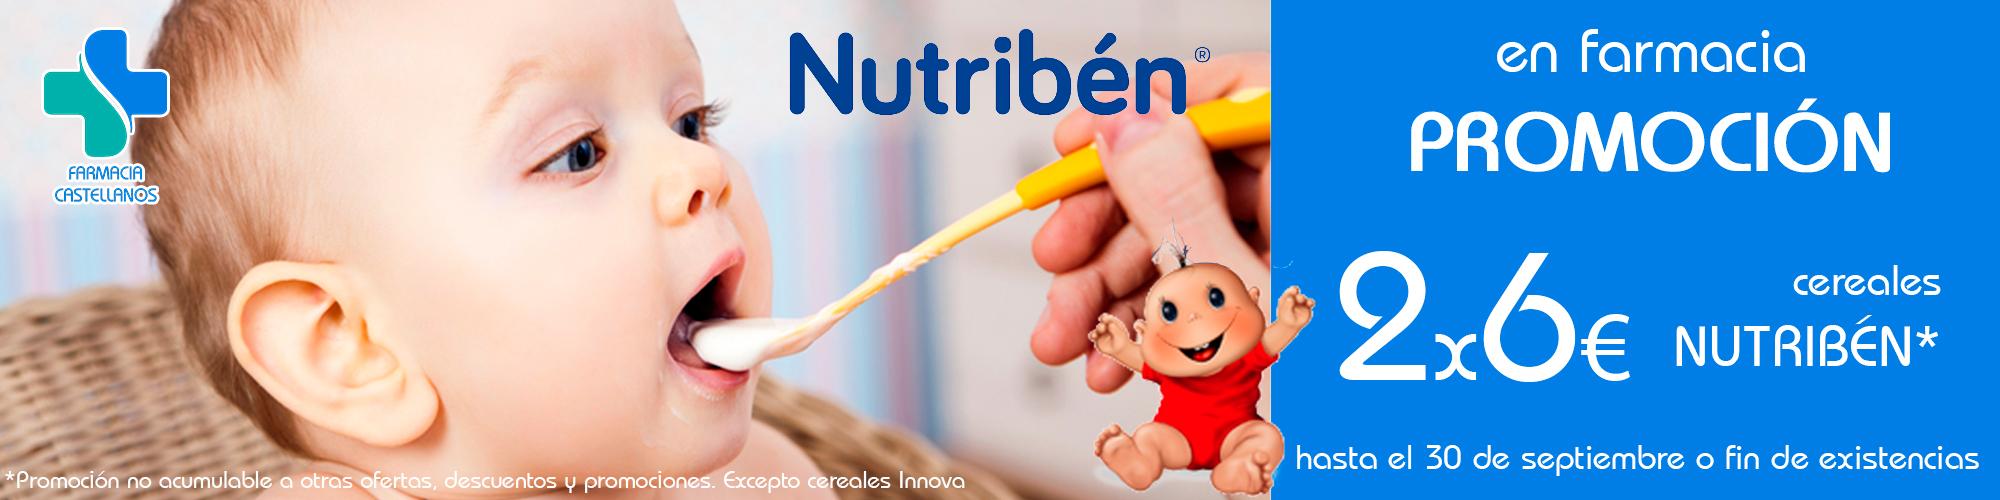 cereales-nutriben-farmaciabeatrizcastellanos